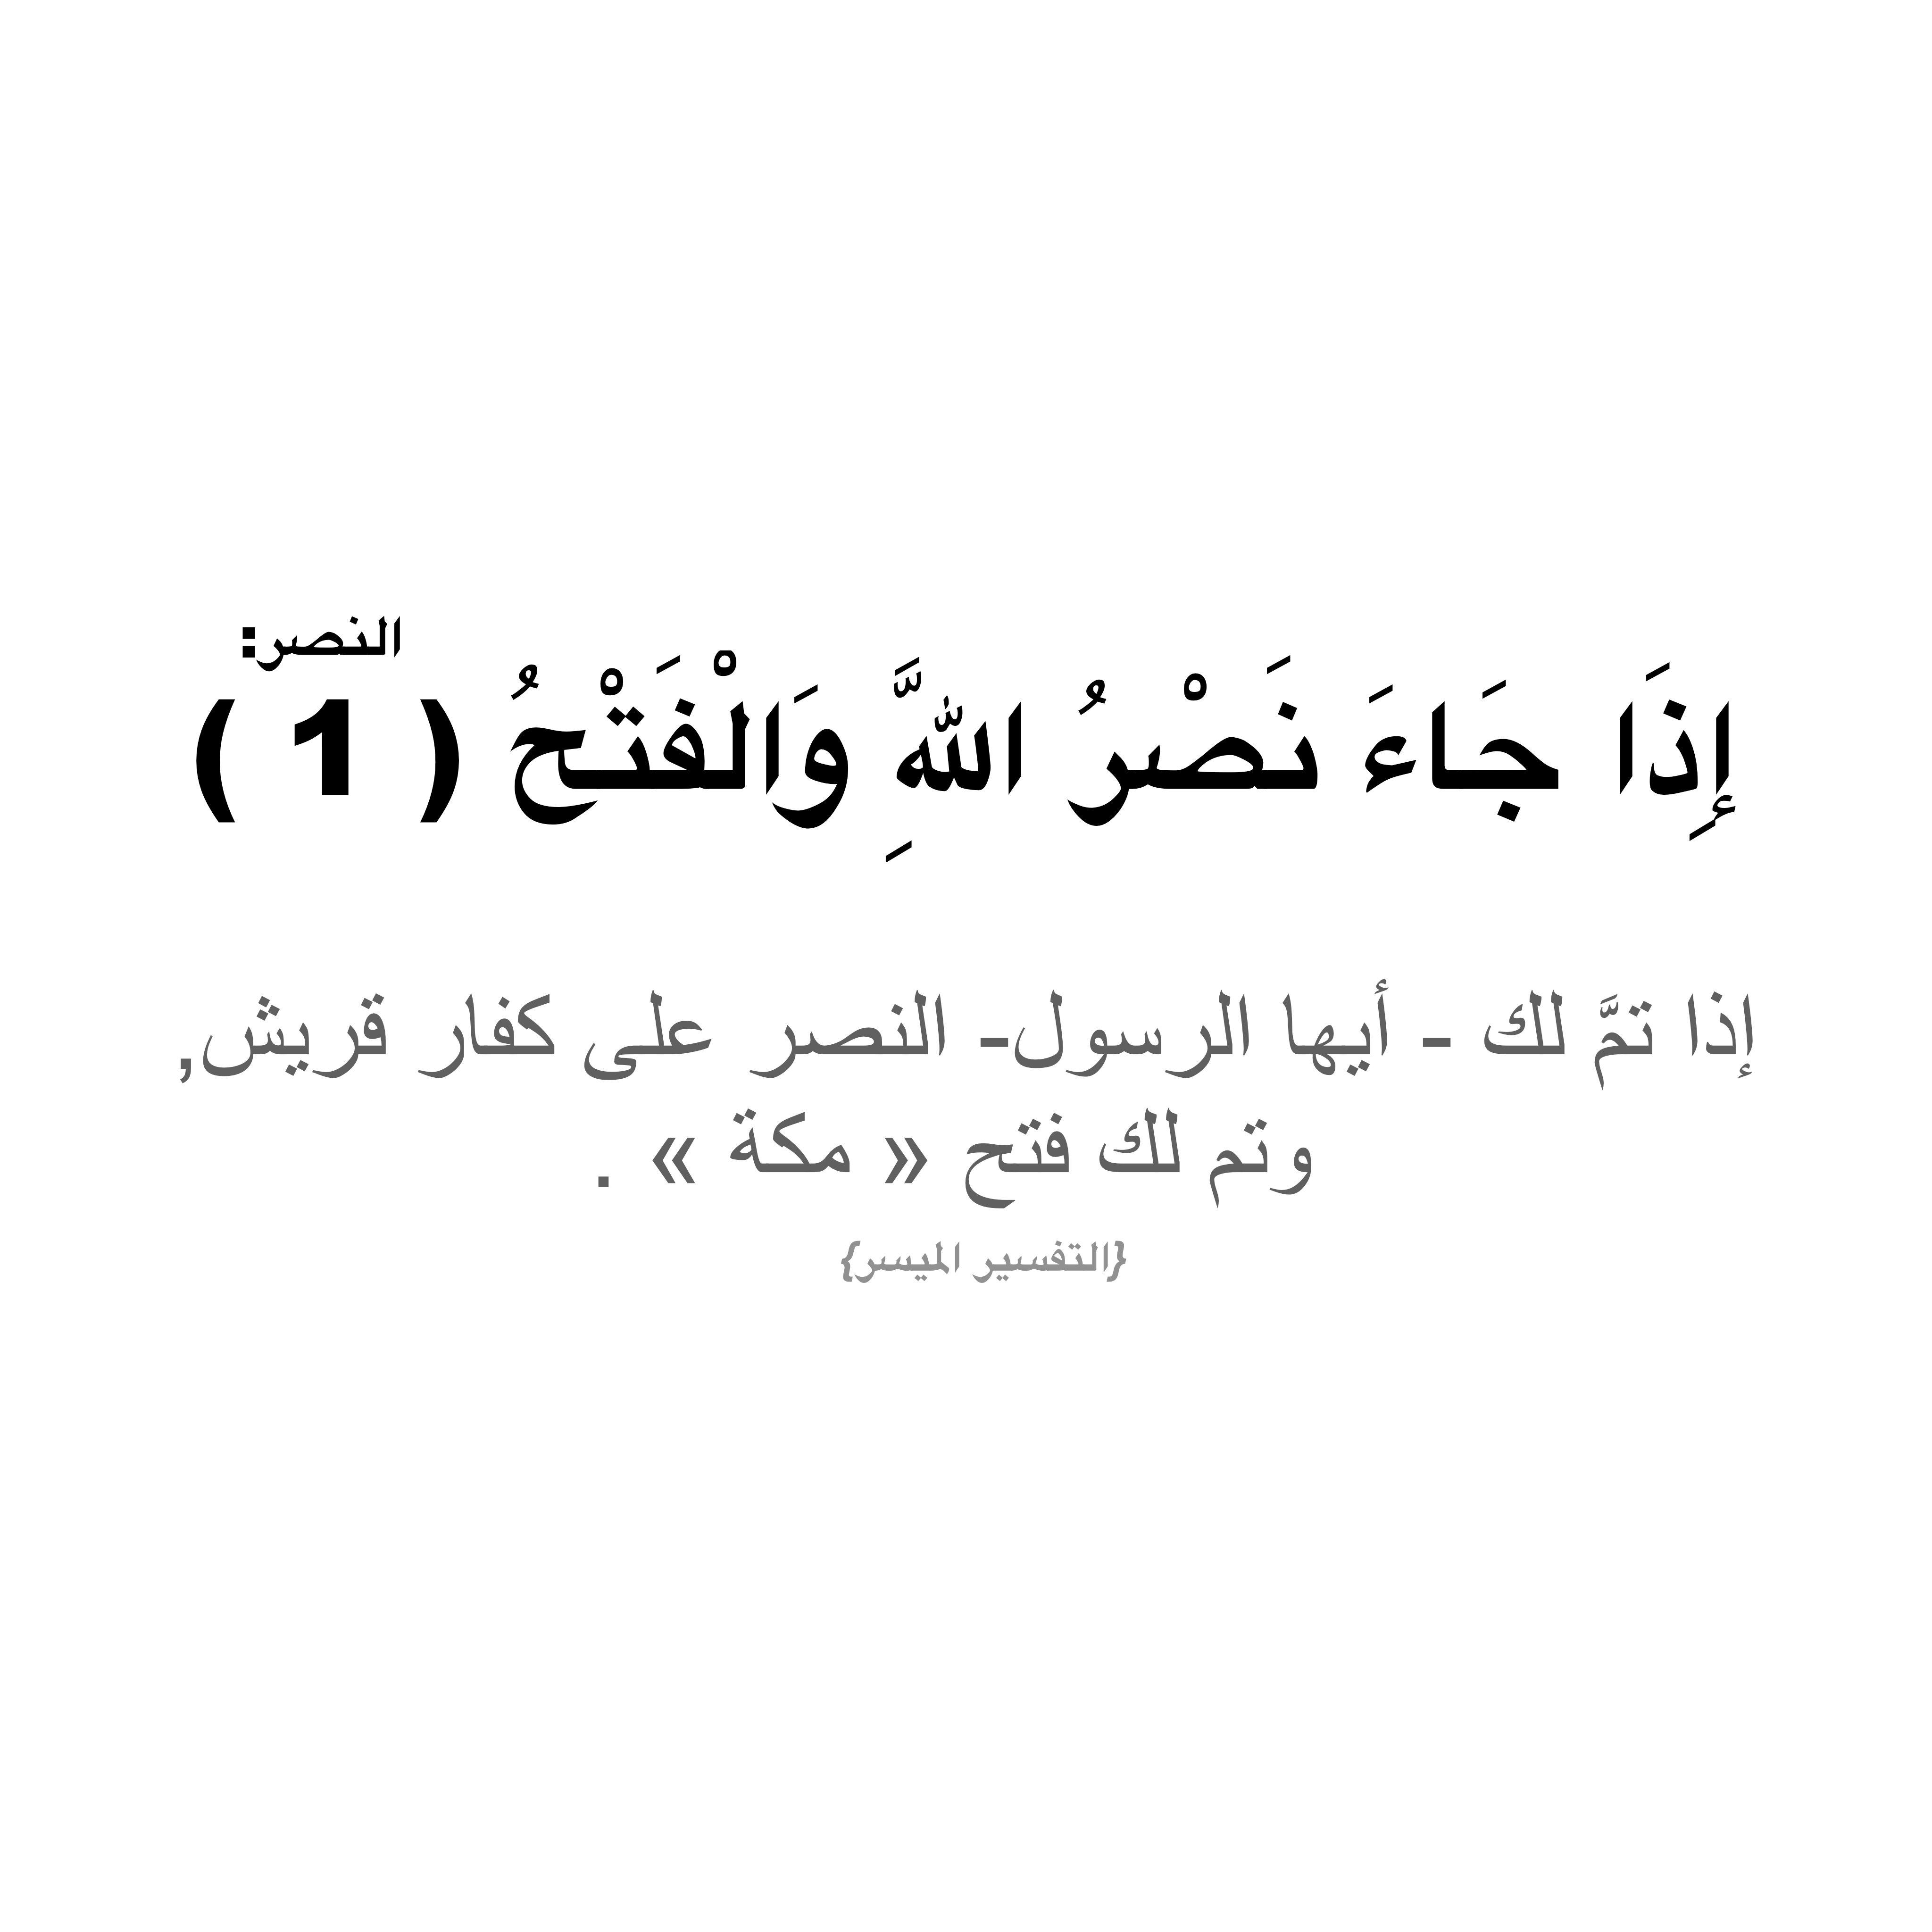 القرآن سورة آية تفسير النصر Quran Math Arabic Calligraphy